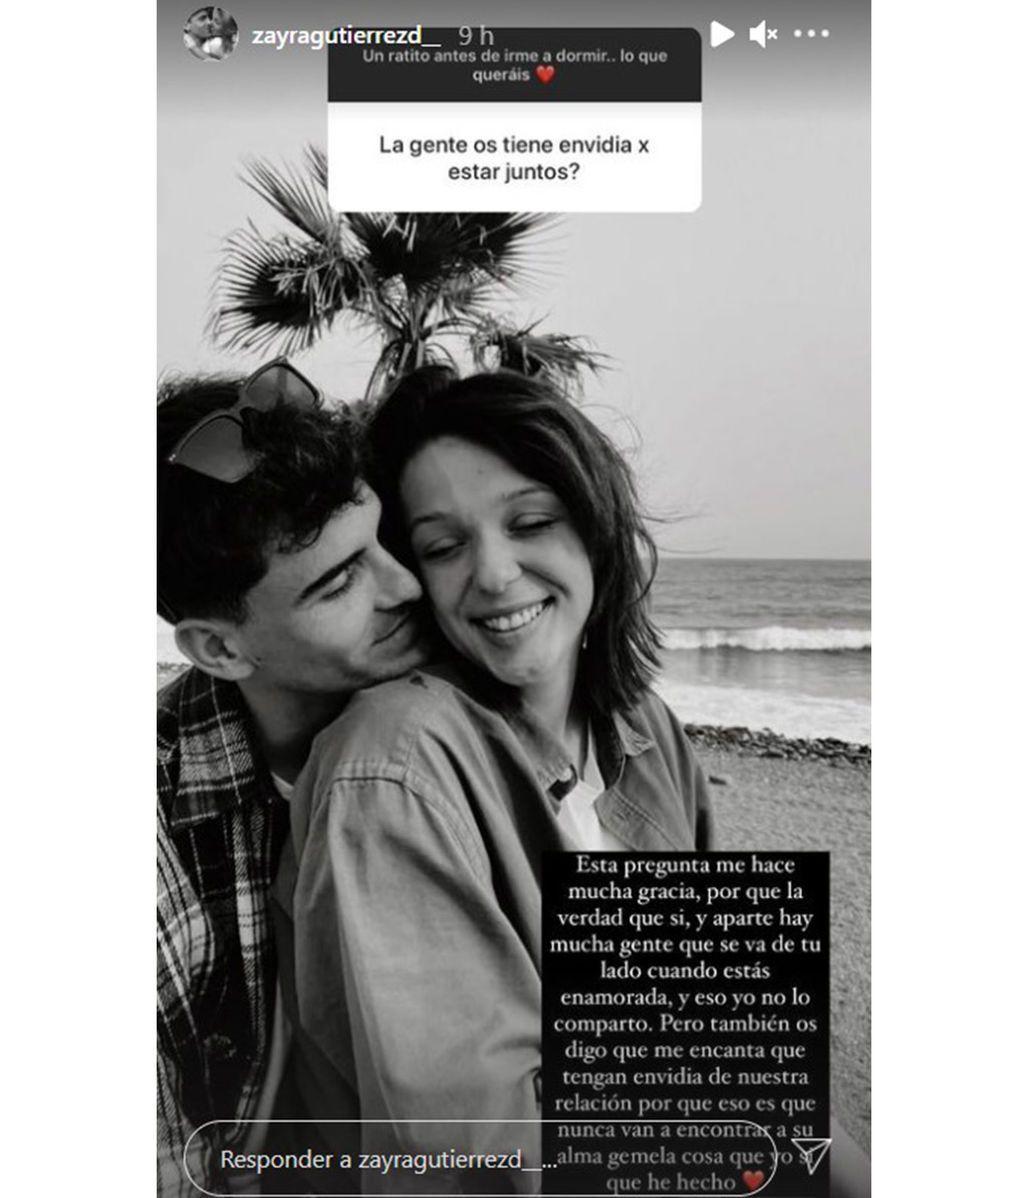 Zayra Gutiérrez afirma que la gente envidia su relación